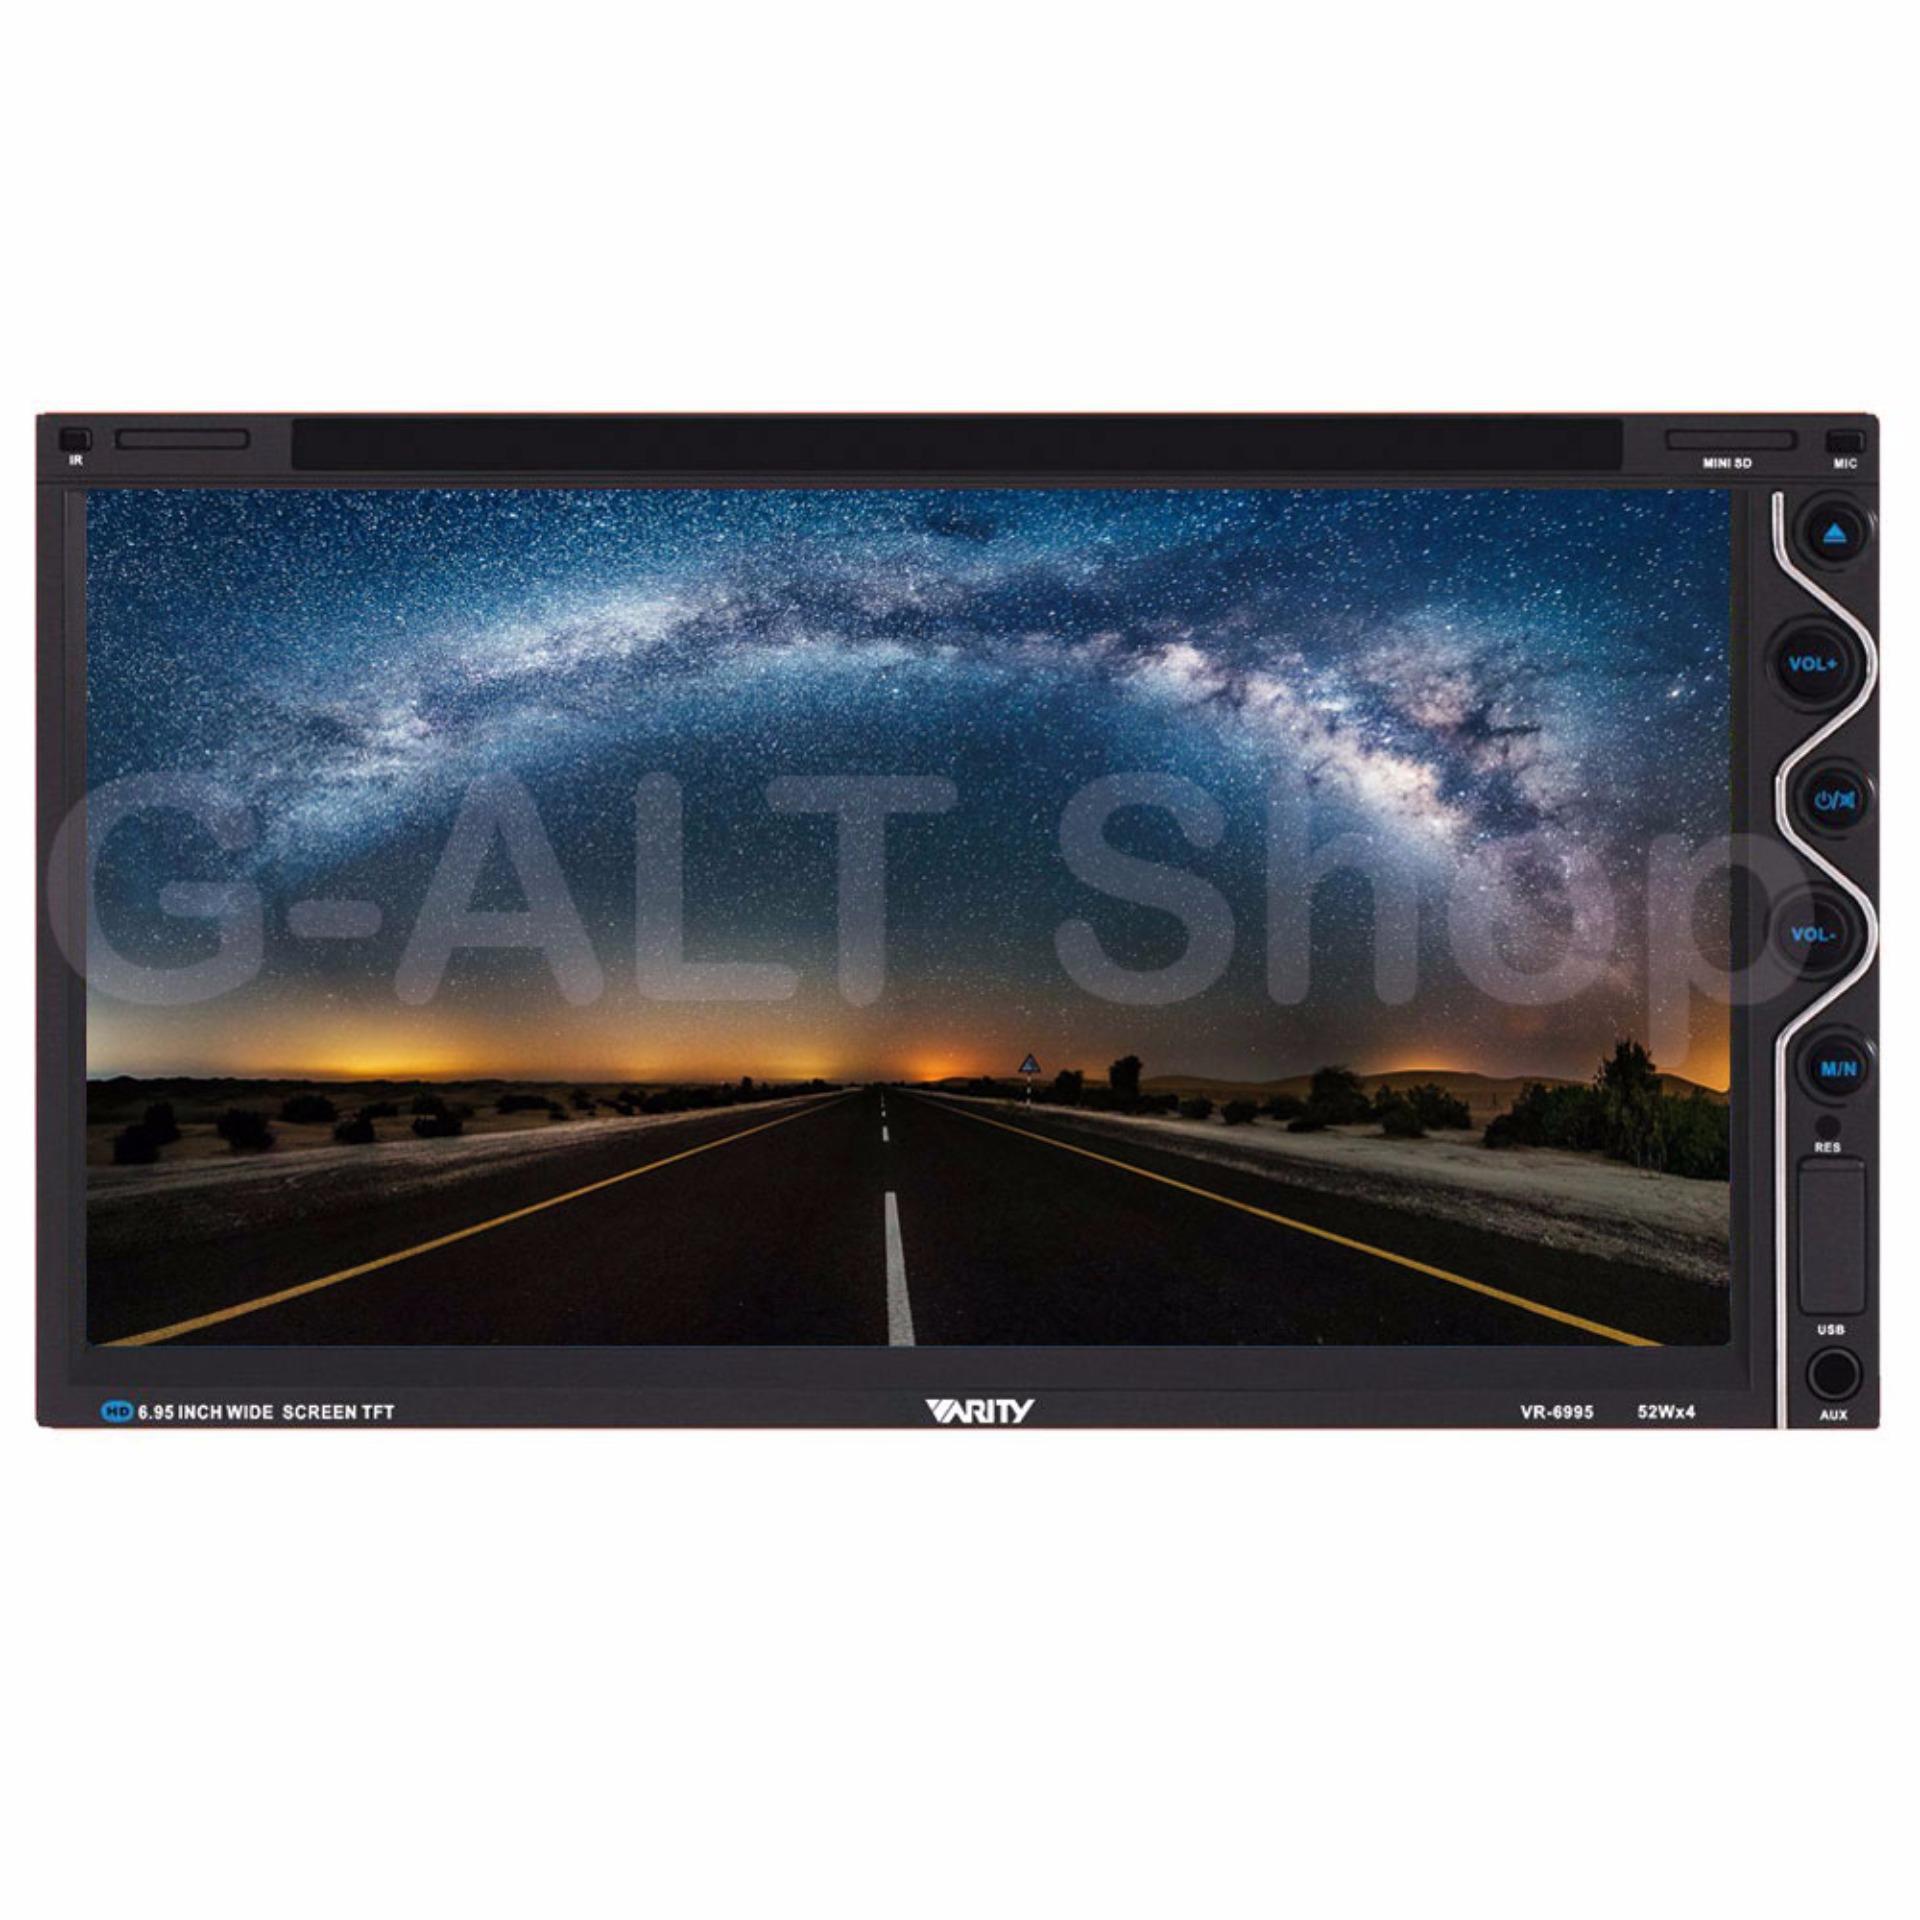 G-alt-Shop Varity VR-6995 Double Din DVD Toch Screen